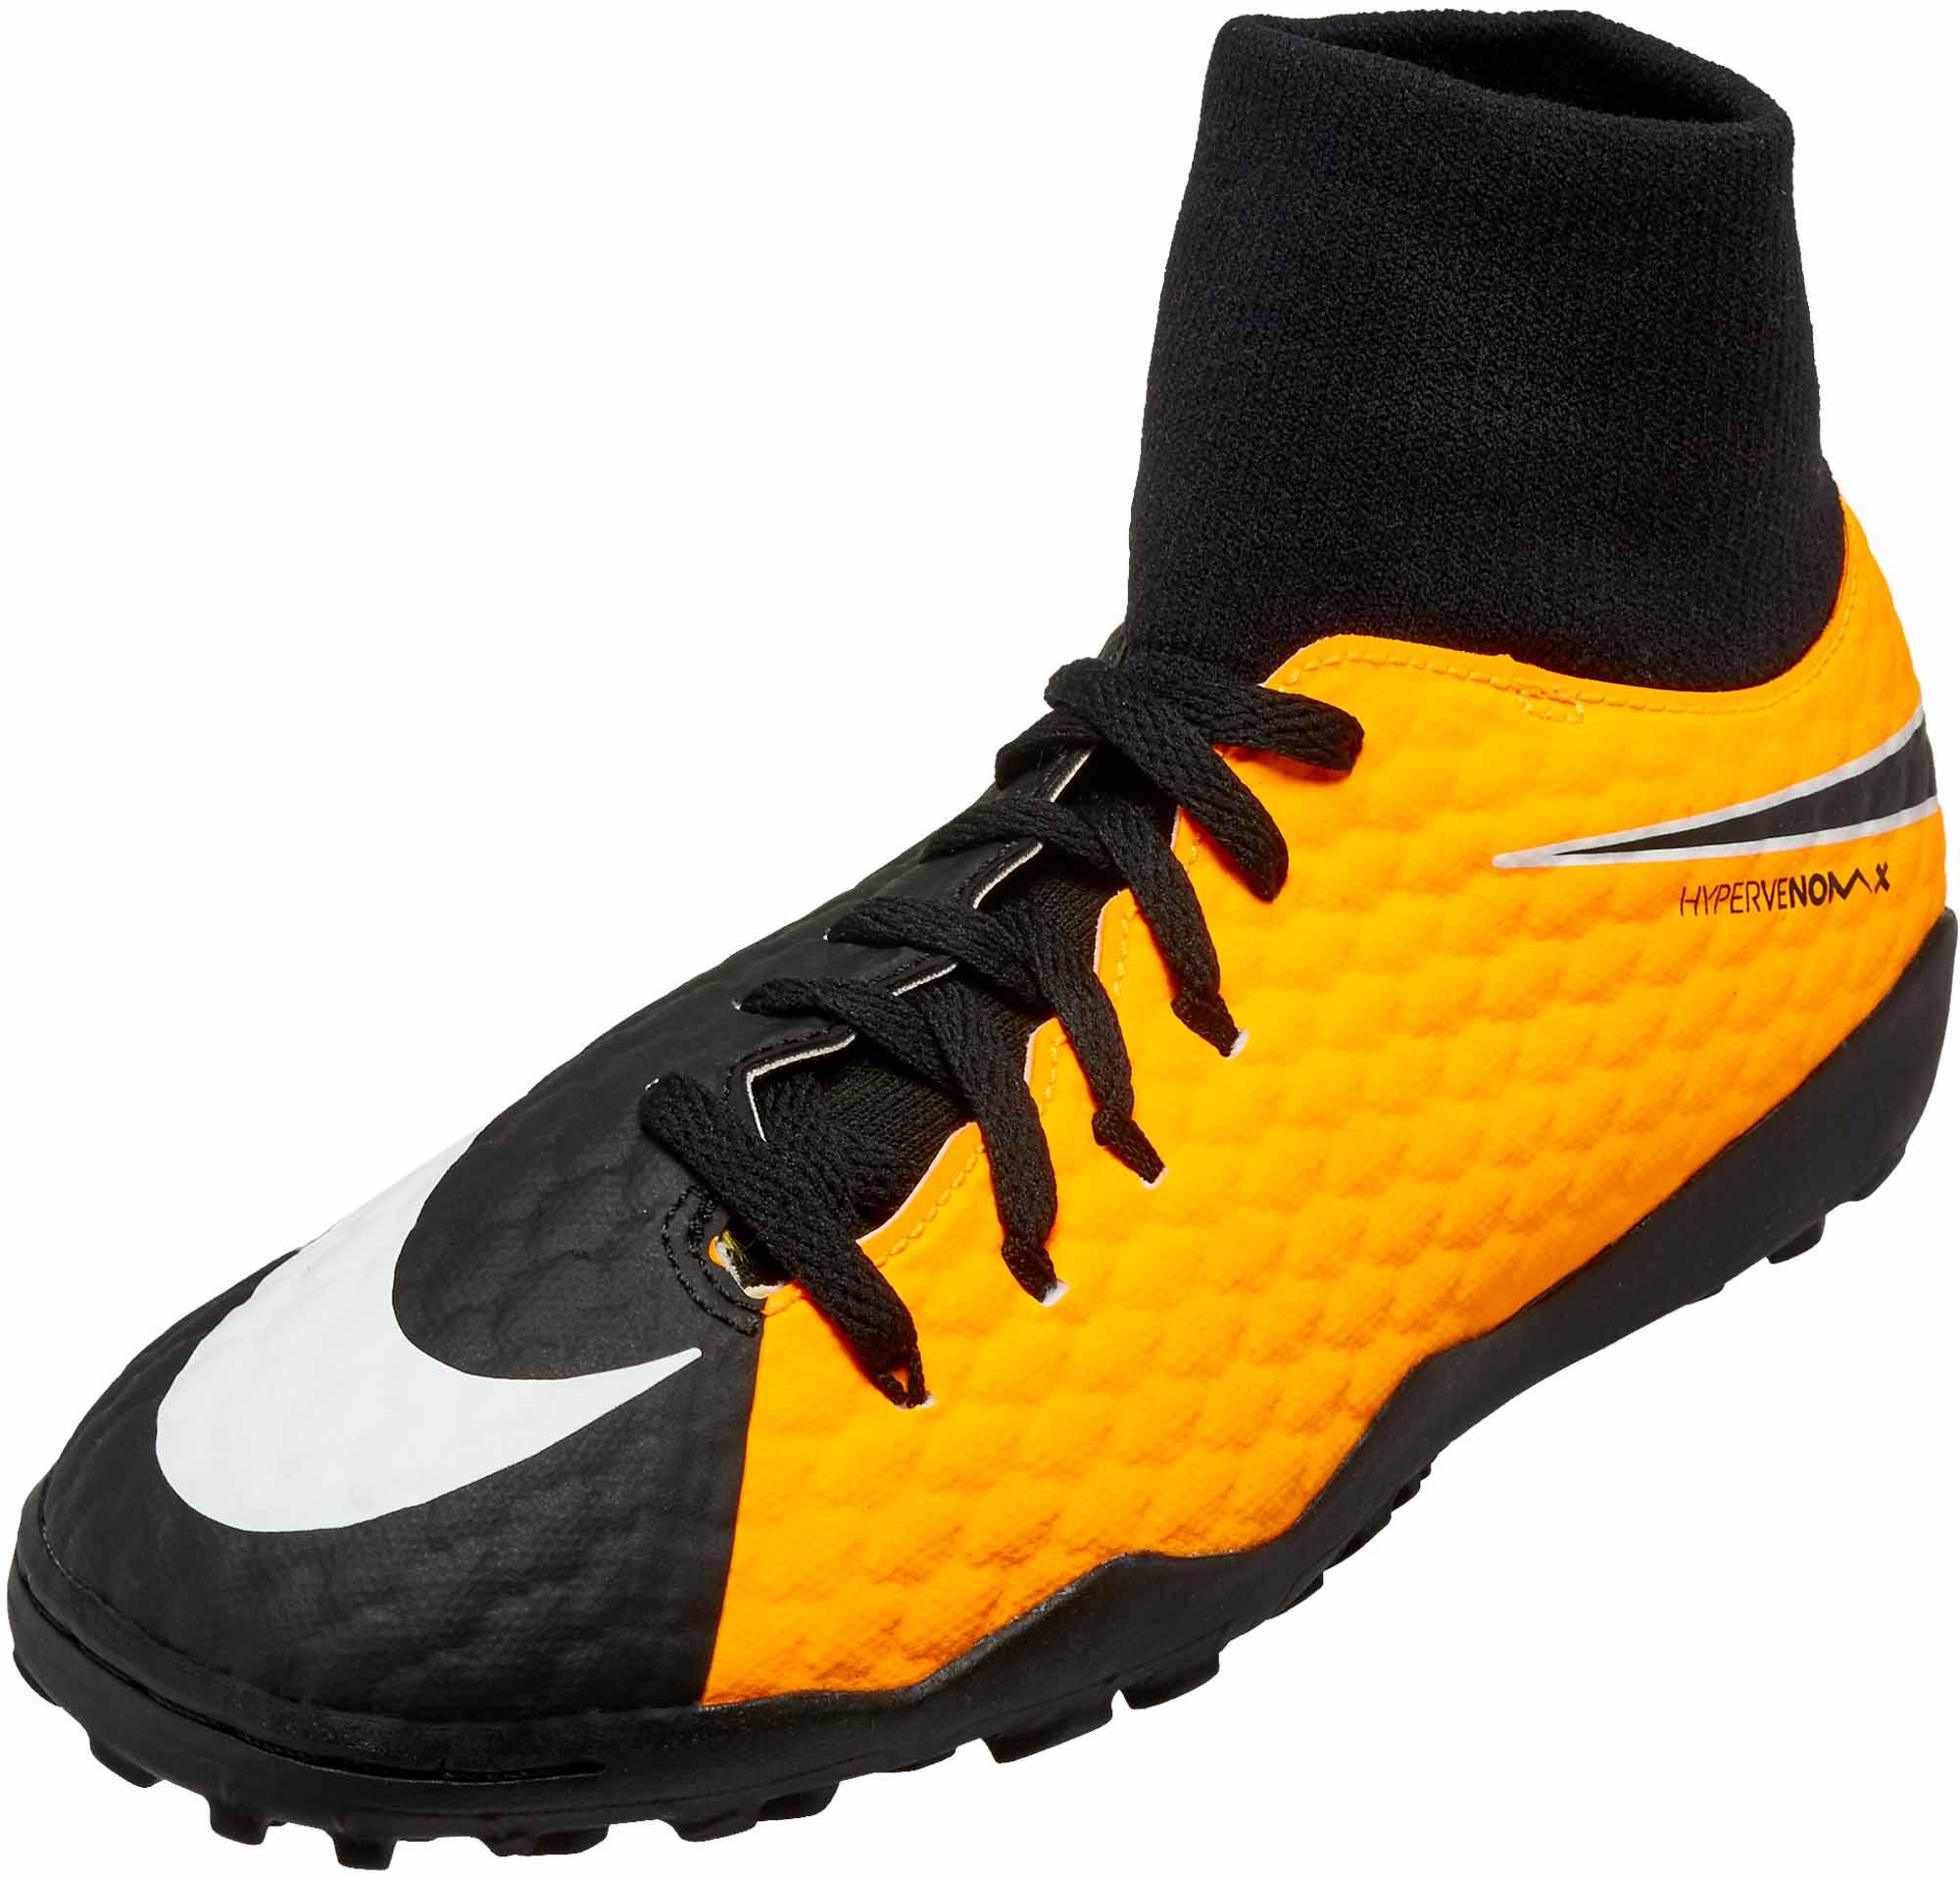 los angeles ab46c ac088 Nike Kids Hypervenom Phelon III DF TF – Laser Orange/Black